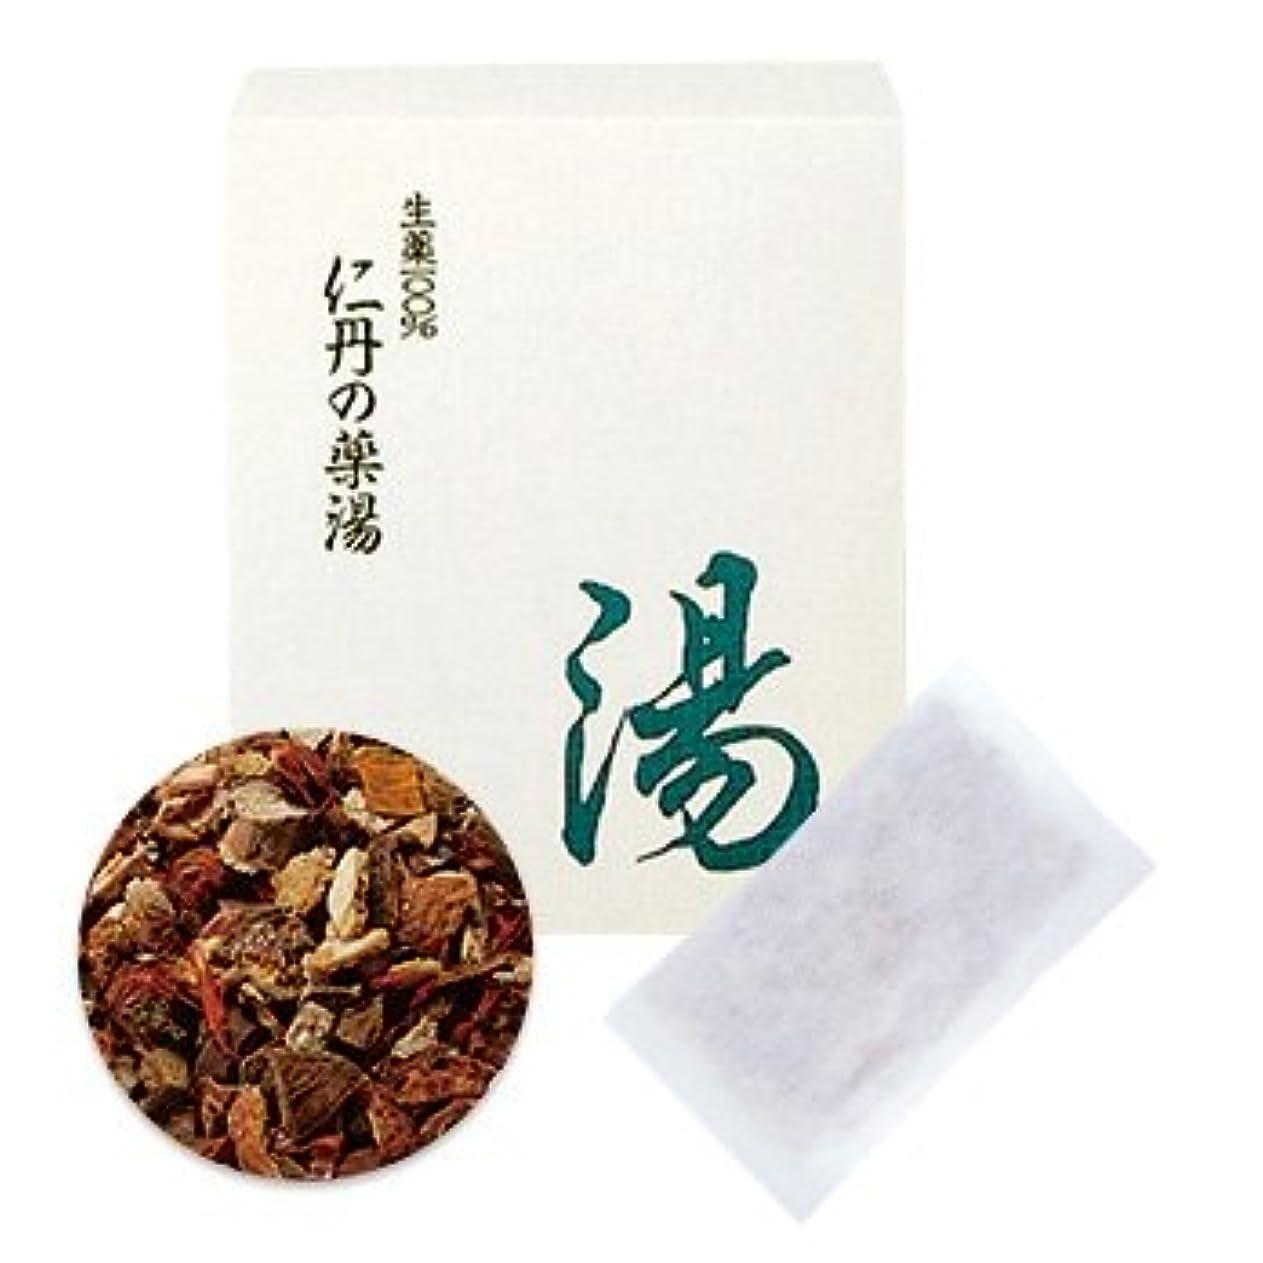 潜在的な禁止する中庭森下仁丹 仁丹の薬湯(マイルド) 10包 医薬部外品